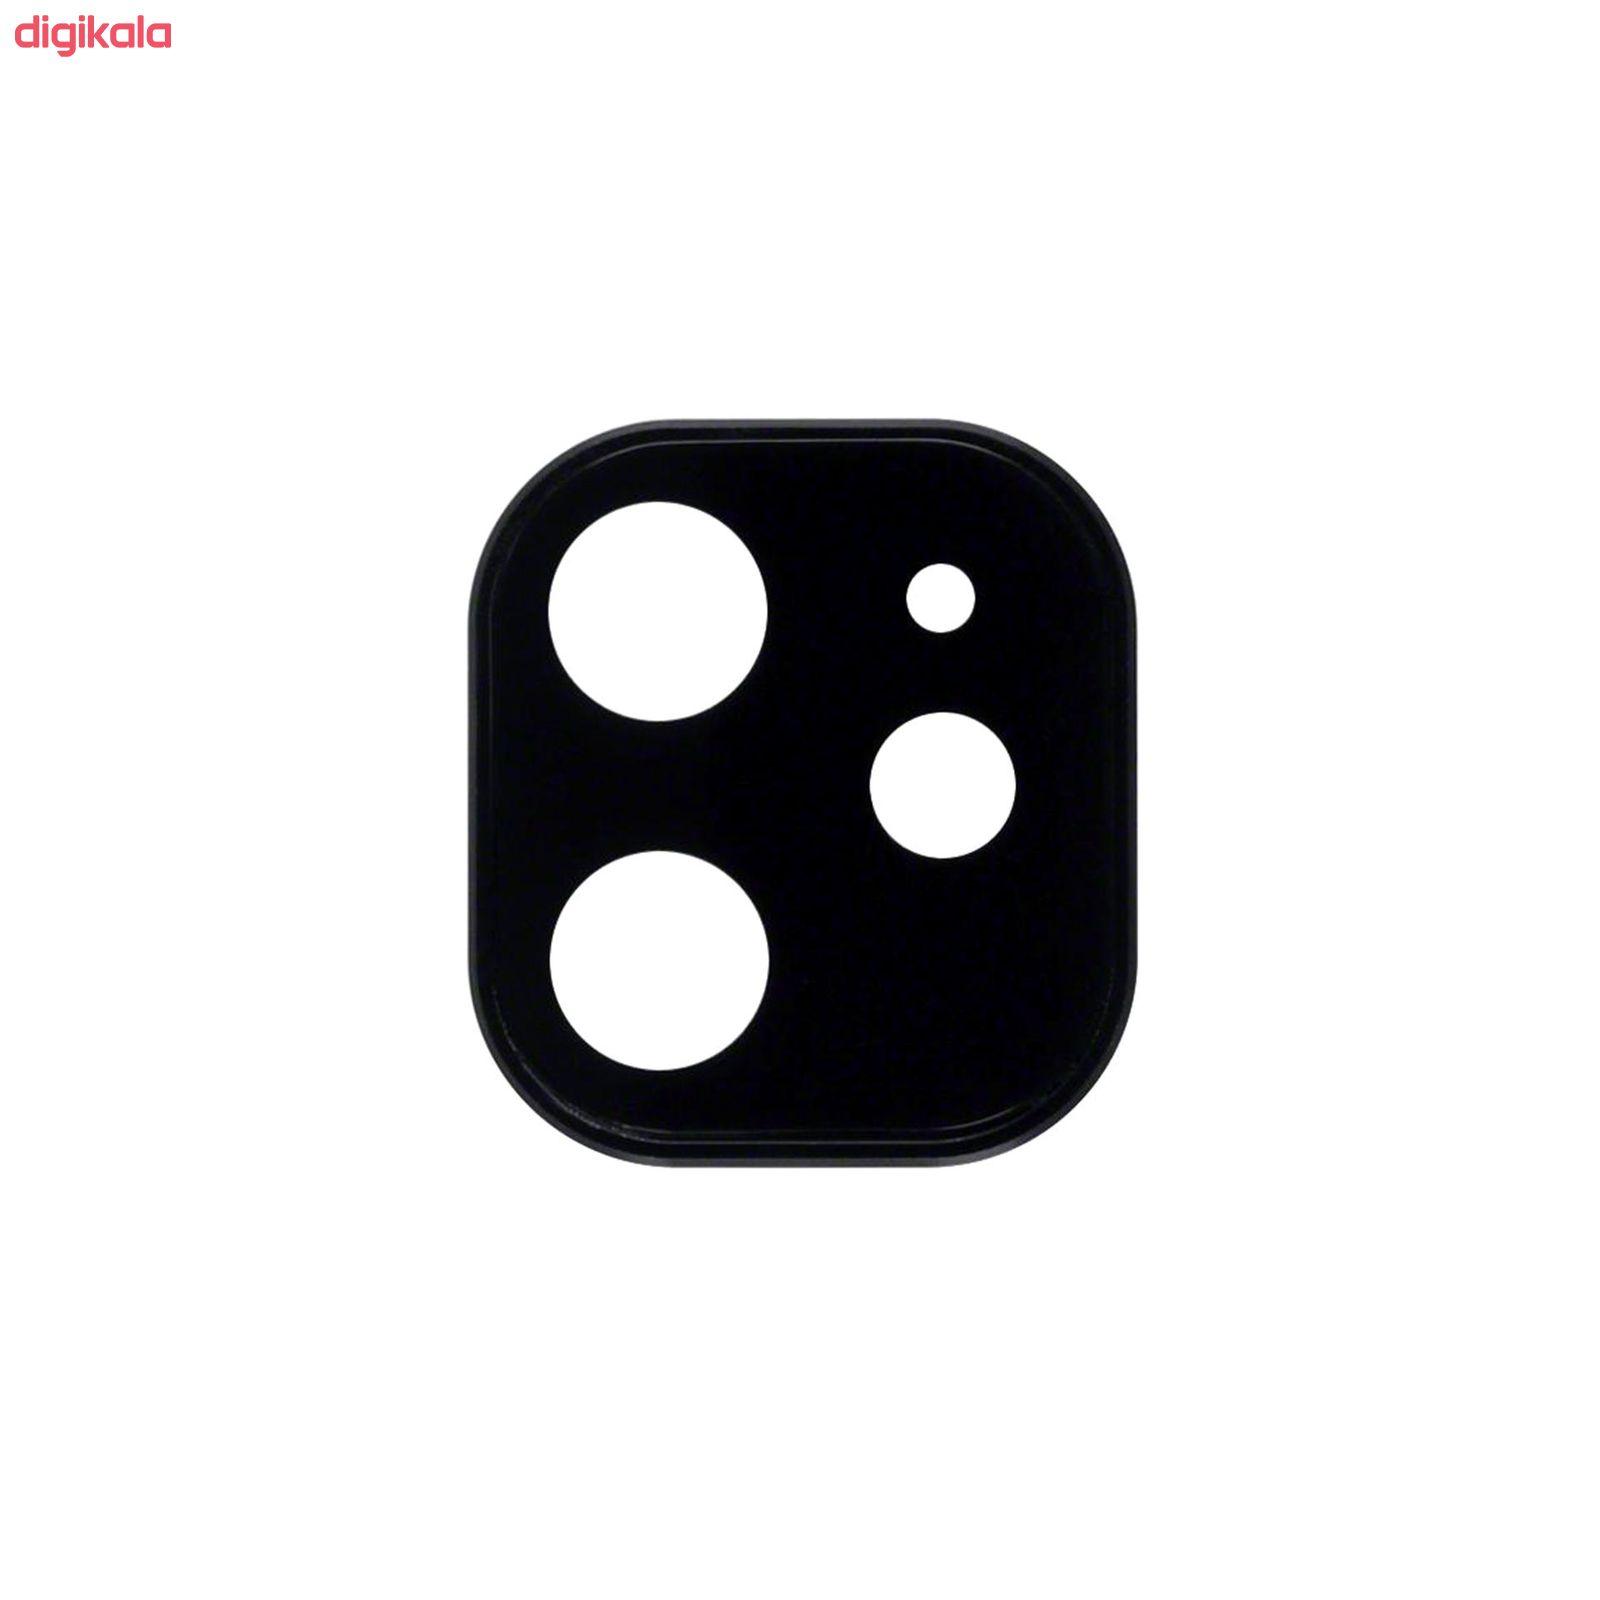 محافظ لنز دوربین راک مدل 3DSLP مناسب برای گوشی موبایل اپل iPhone 11 بسته دو عددی main 1 1